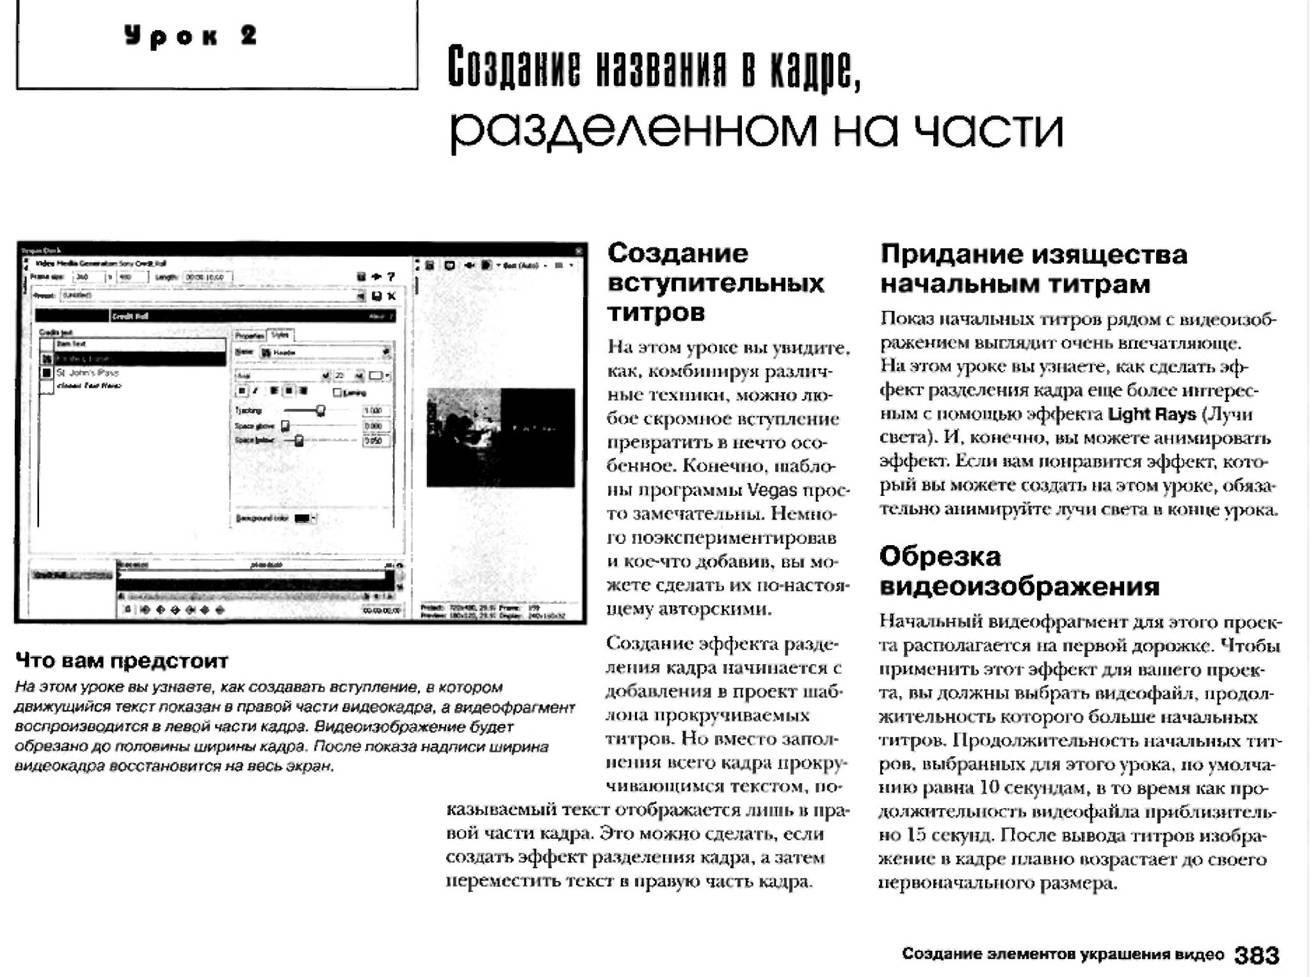 http://redaktori-uroki.3dn.ru/_ph/12/273417322.jpg